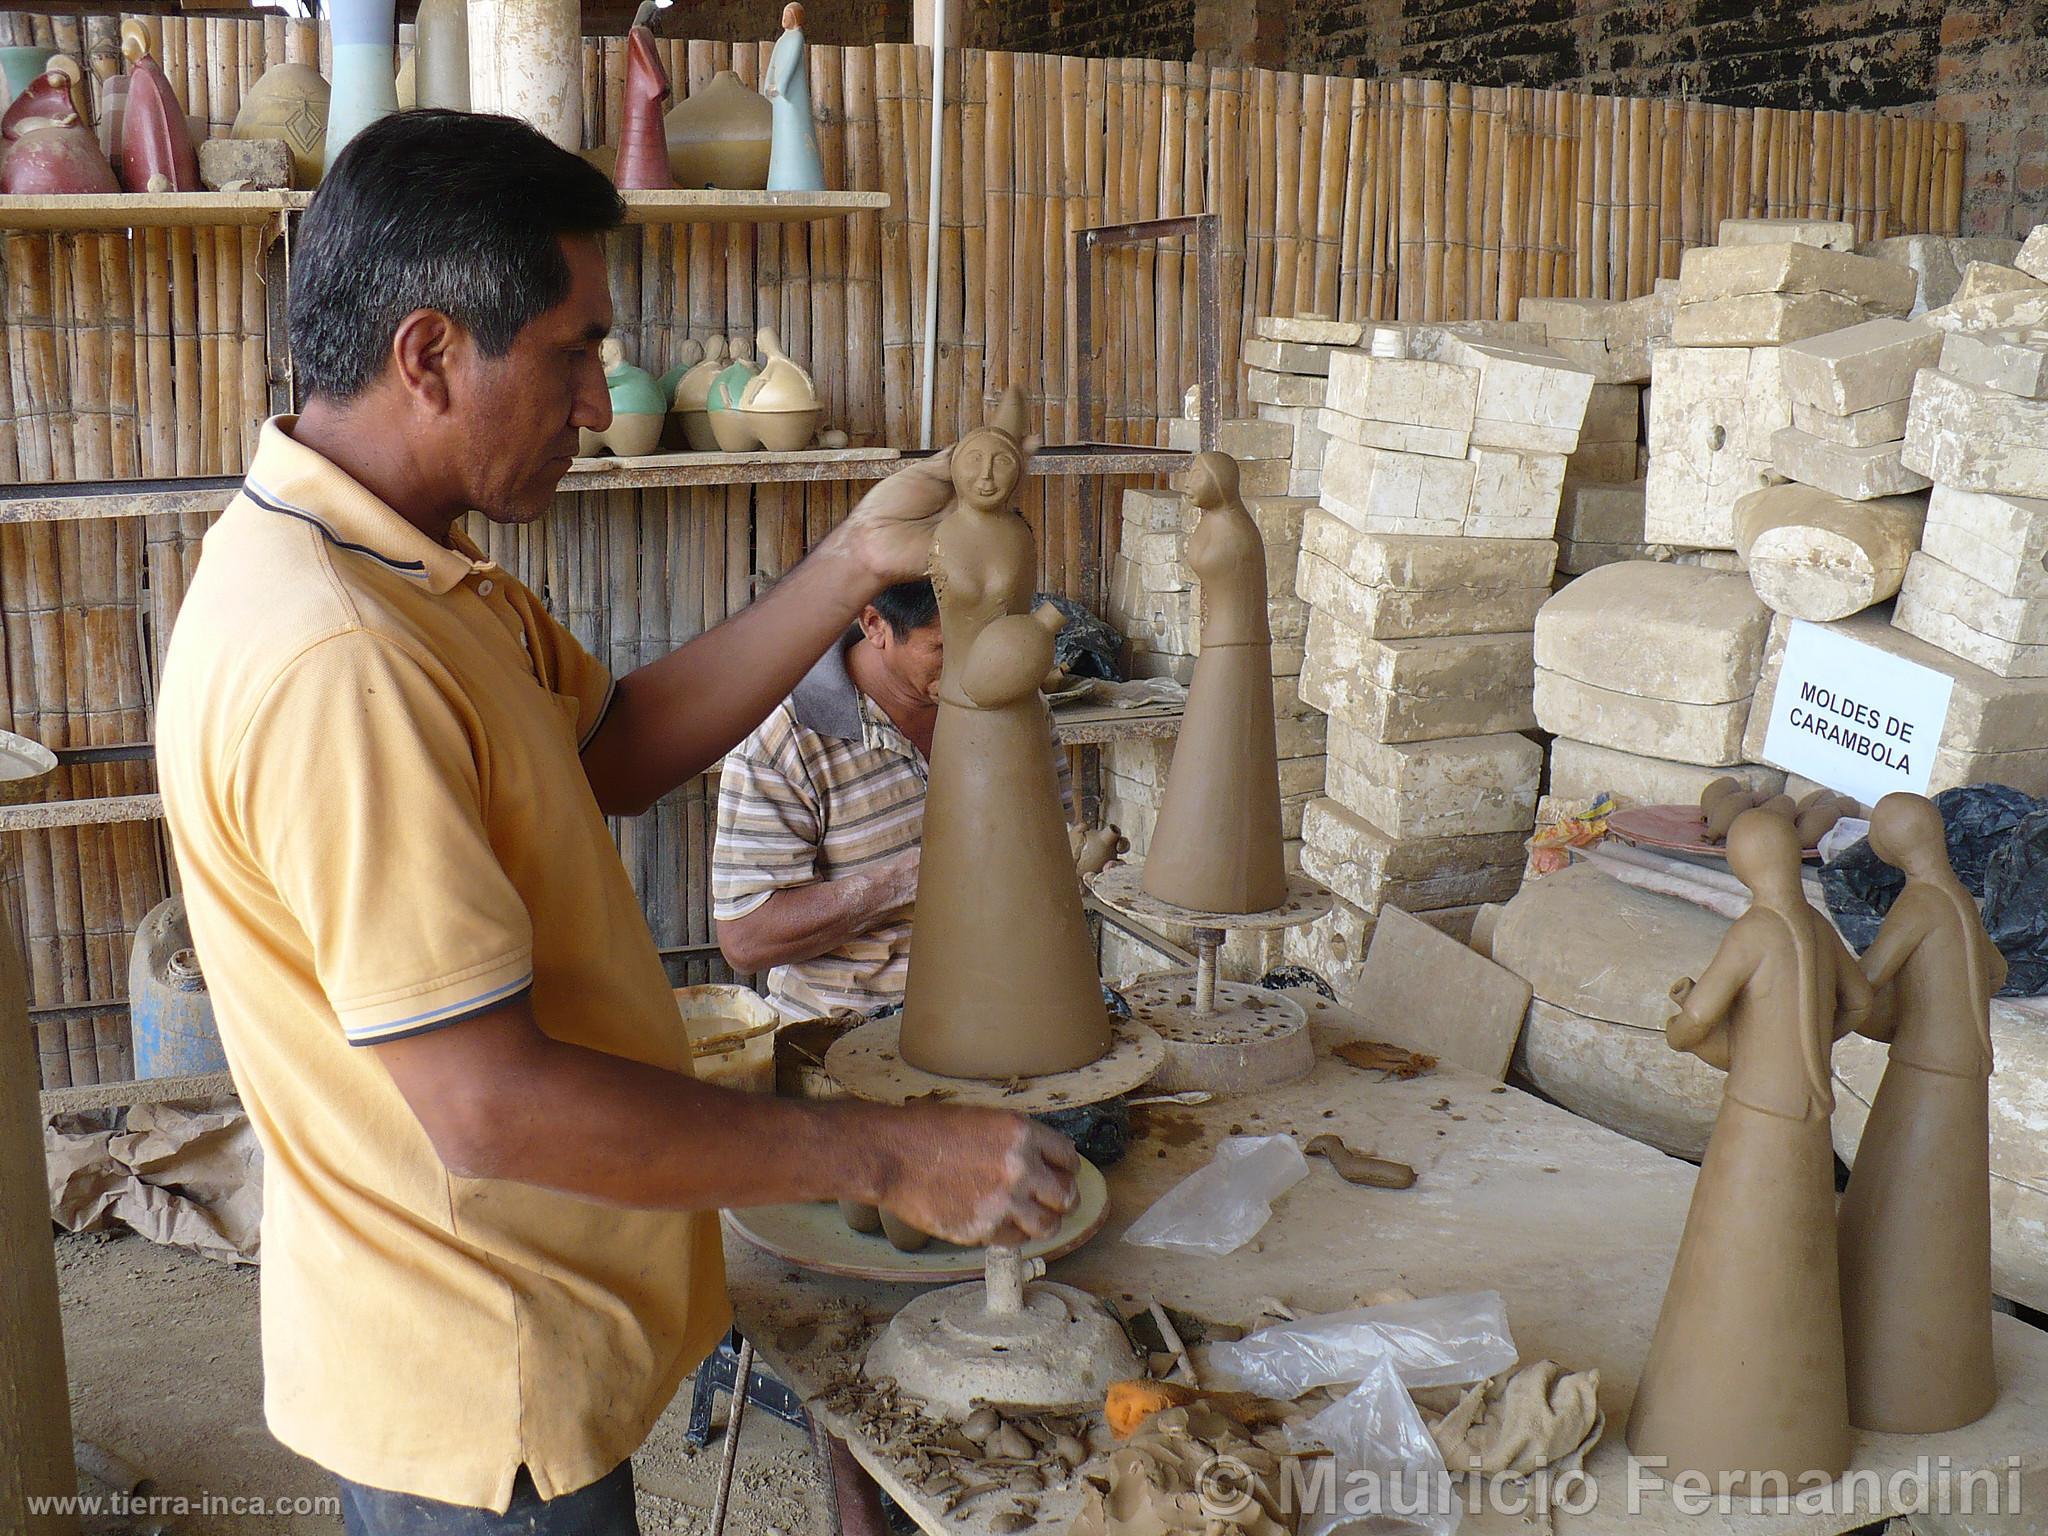 Elaboraci n de cer mica de chulucanas for Ceramica artesanal peru